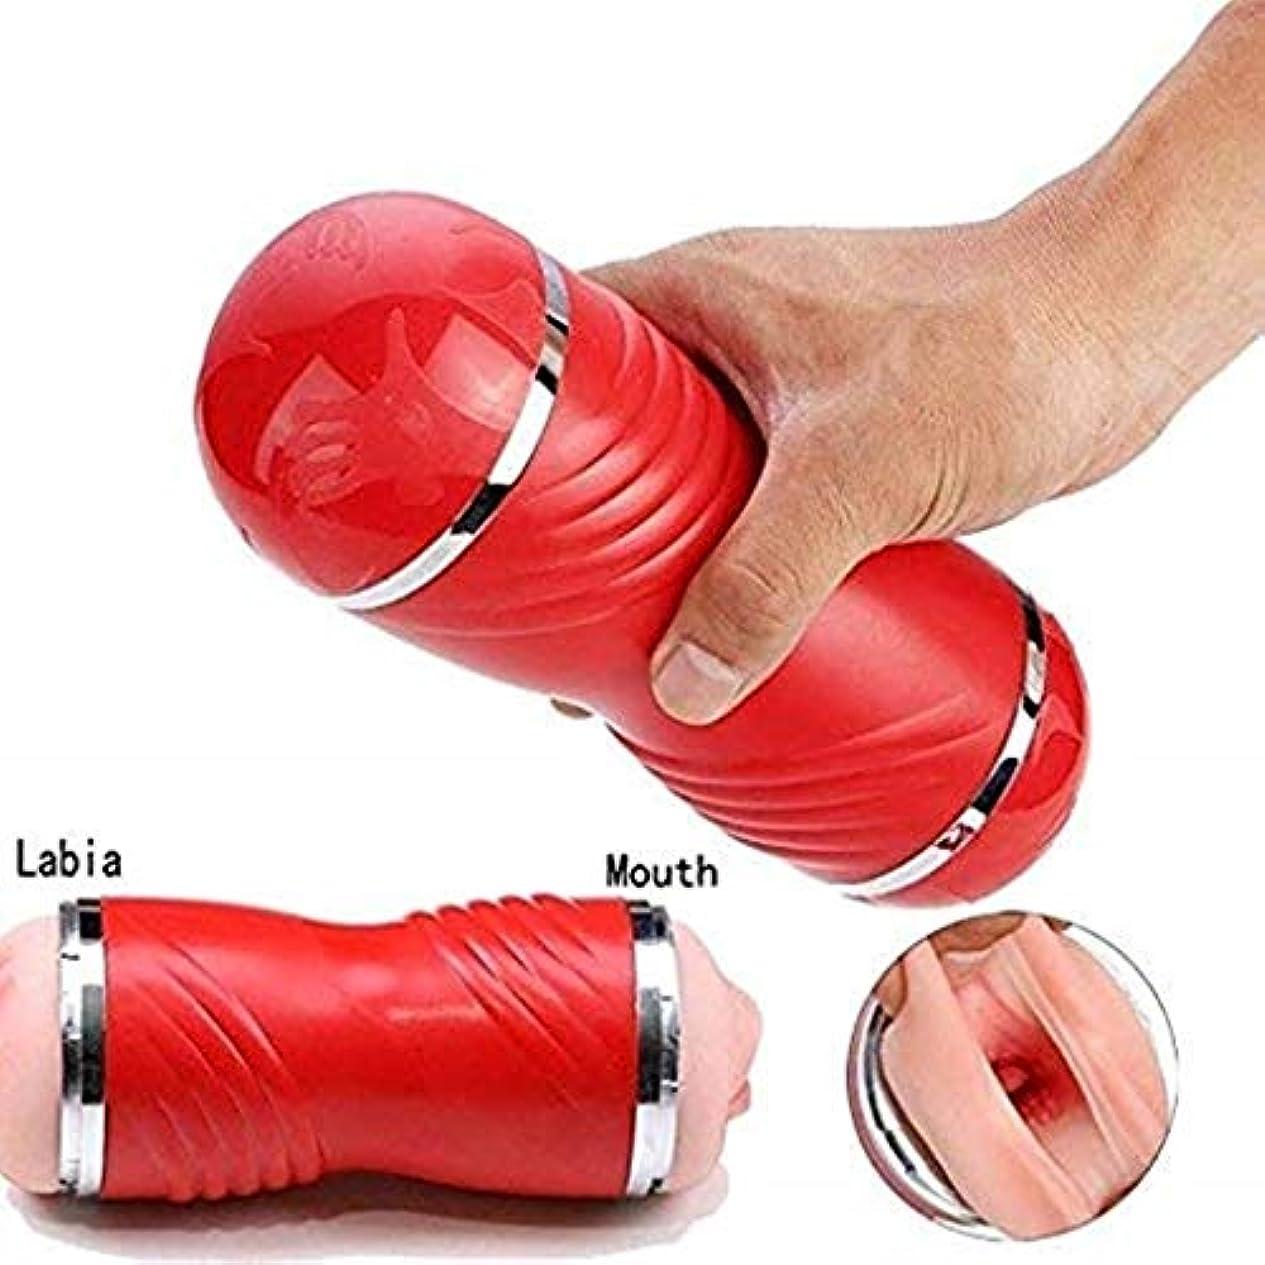 焦がす和らげるウェーハCRFJB 男性用自動ピストンカップインテリジェントスラスト強力な吸引男性用MâsturabâtionデバイスPleasure Hand-Free P-lay Massager